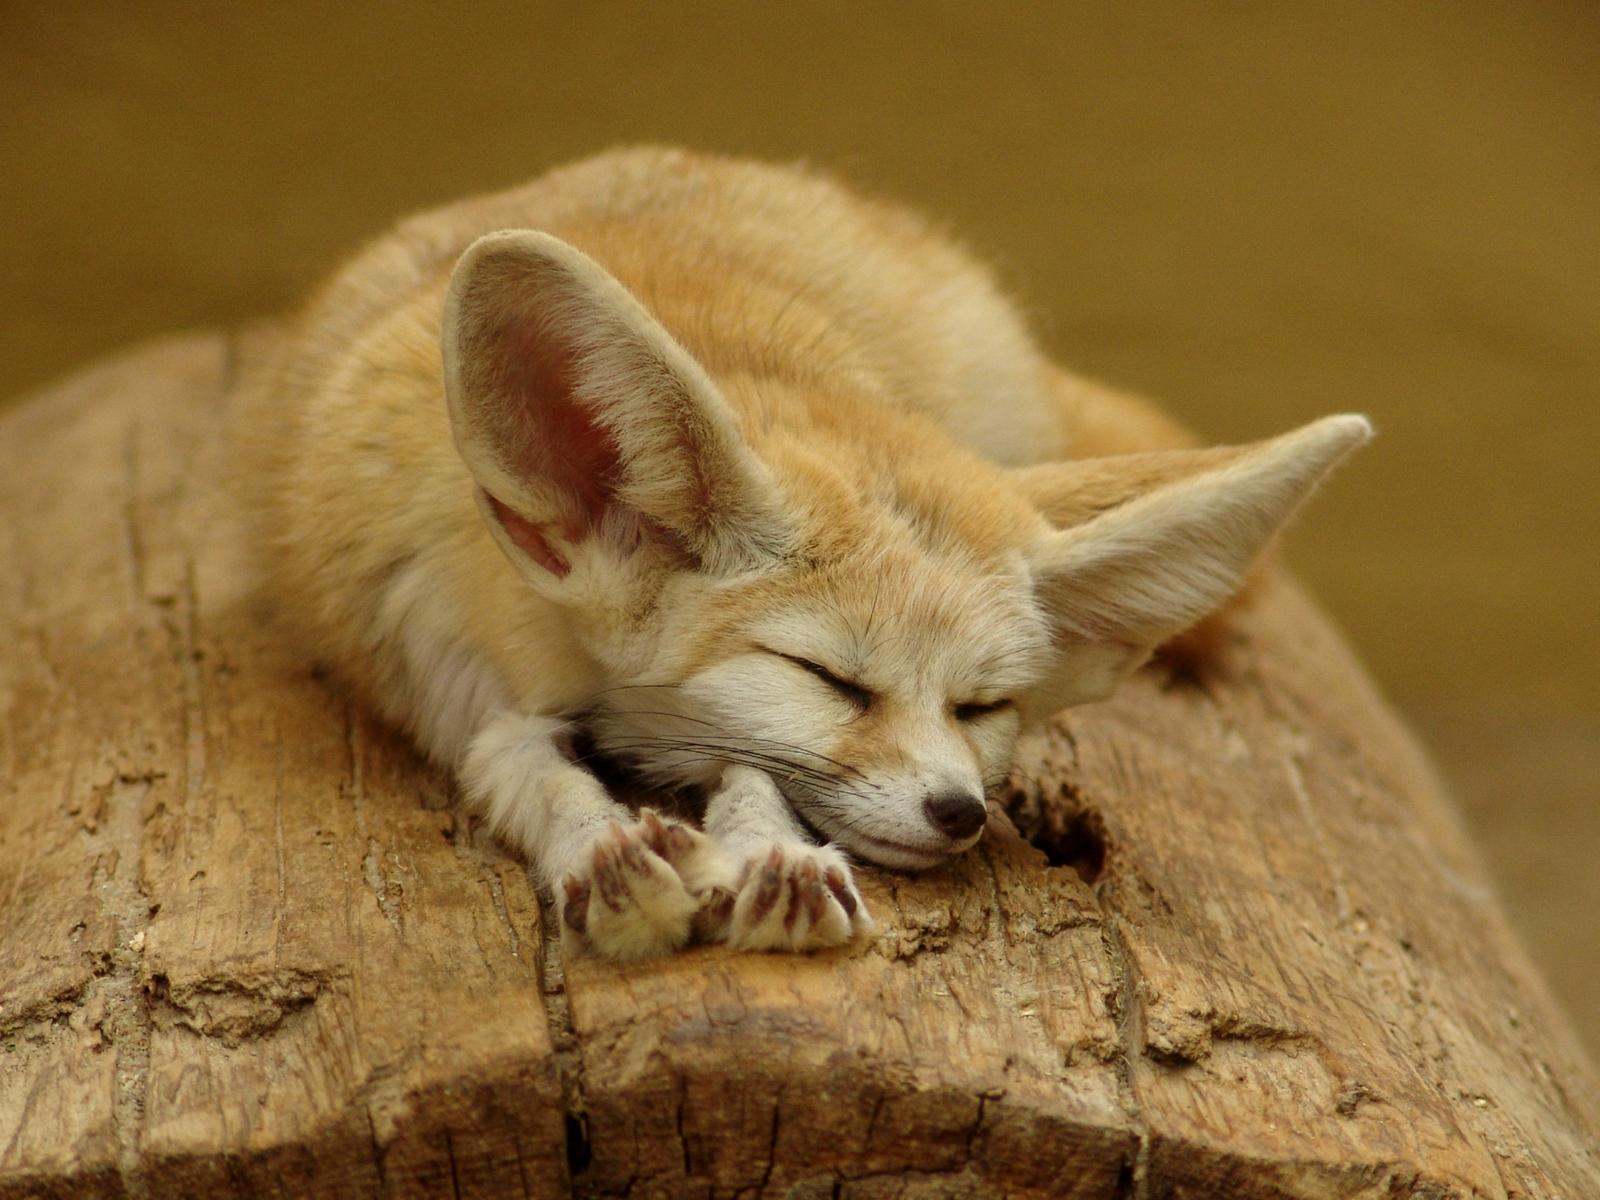 Cute - cuter - fennec fox by woxys on DeviantArt